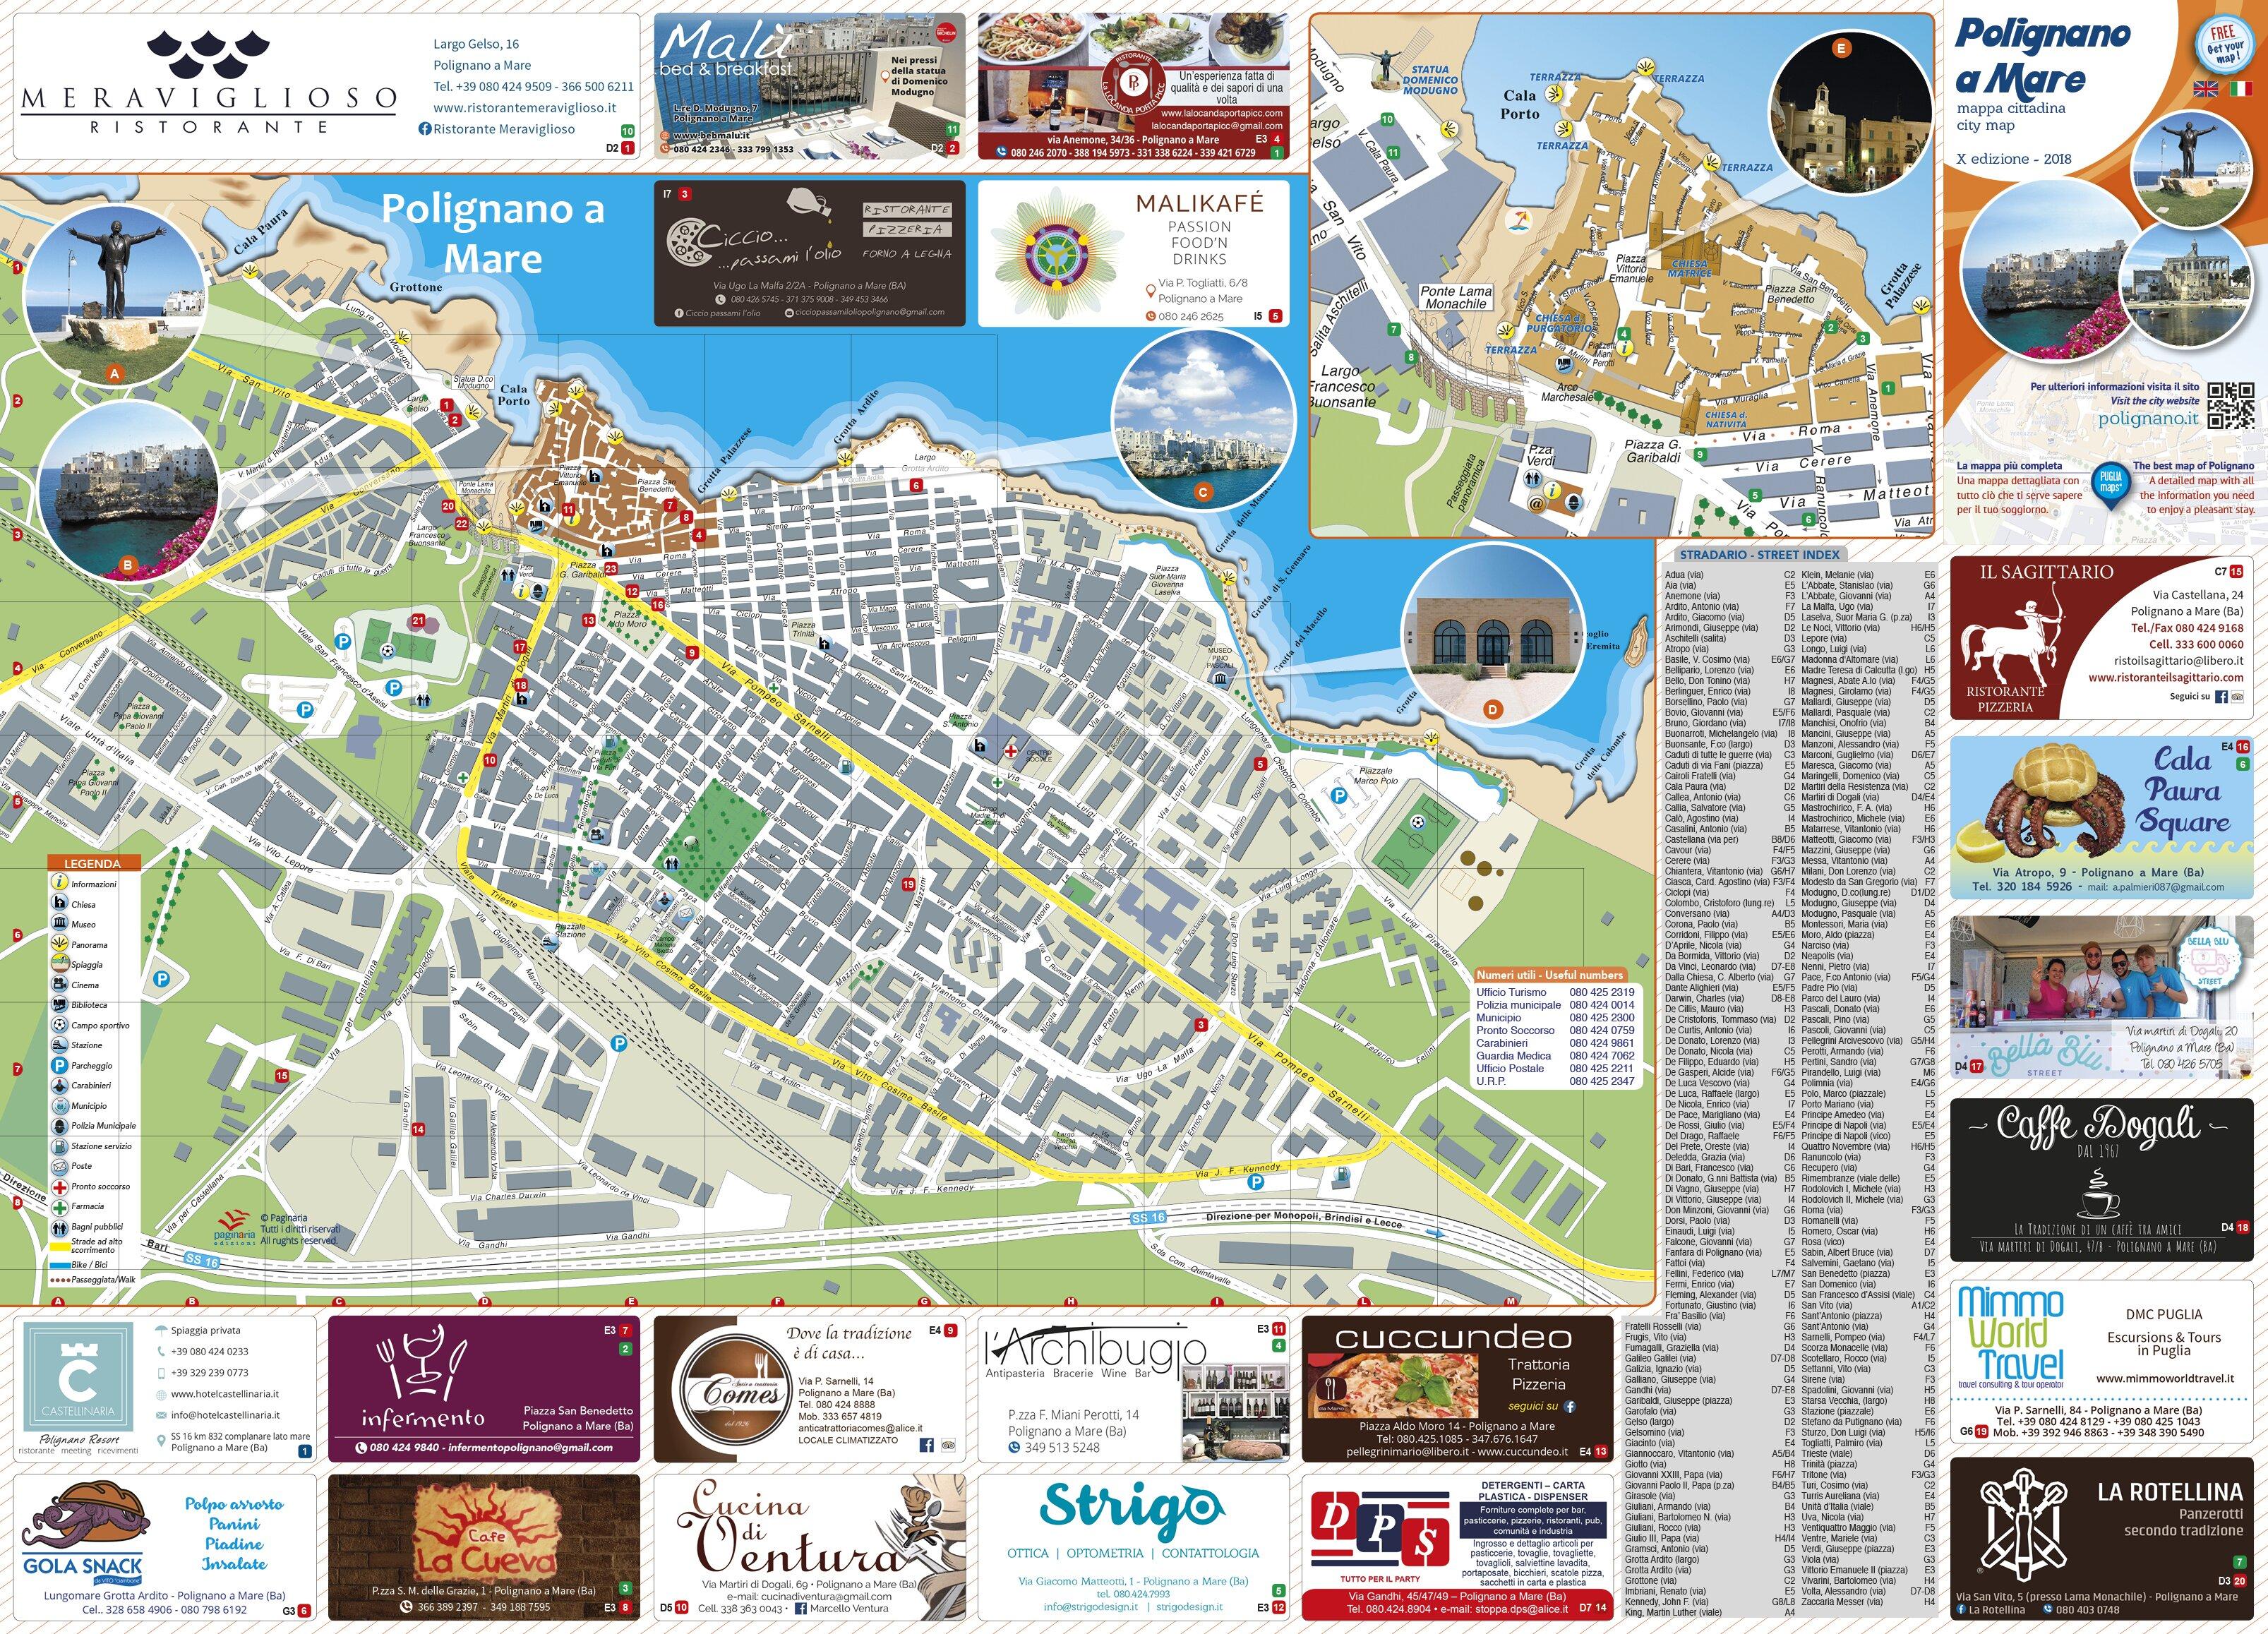 Cartina Di Malta Pdf.Mappa Di Polignano A Mare Cosa Vedere A Polignano A Mare Vacanze A Polignano A Mare